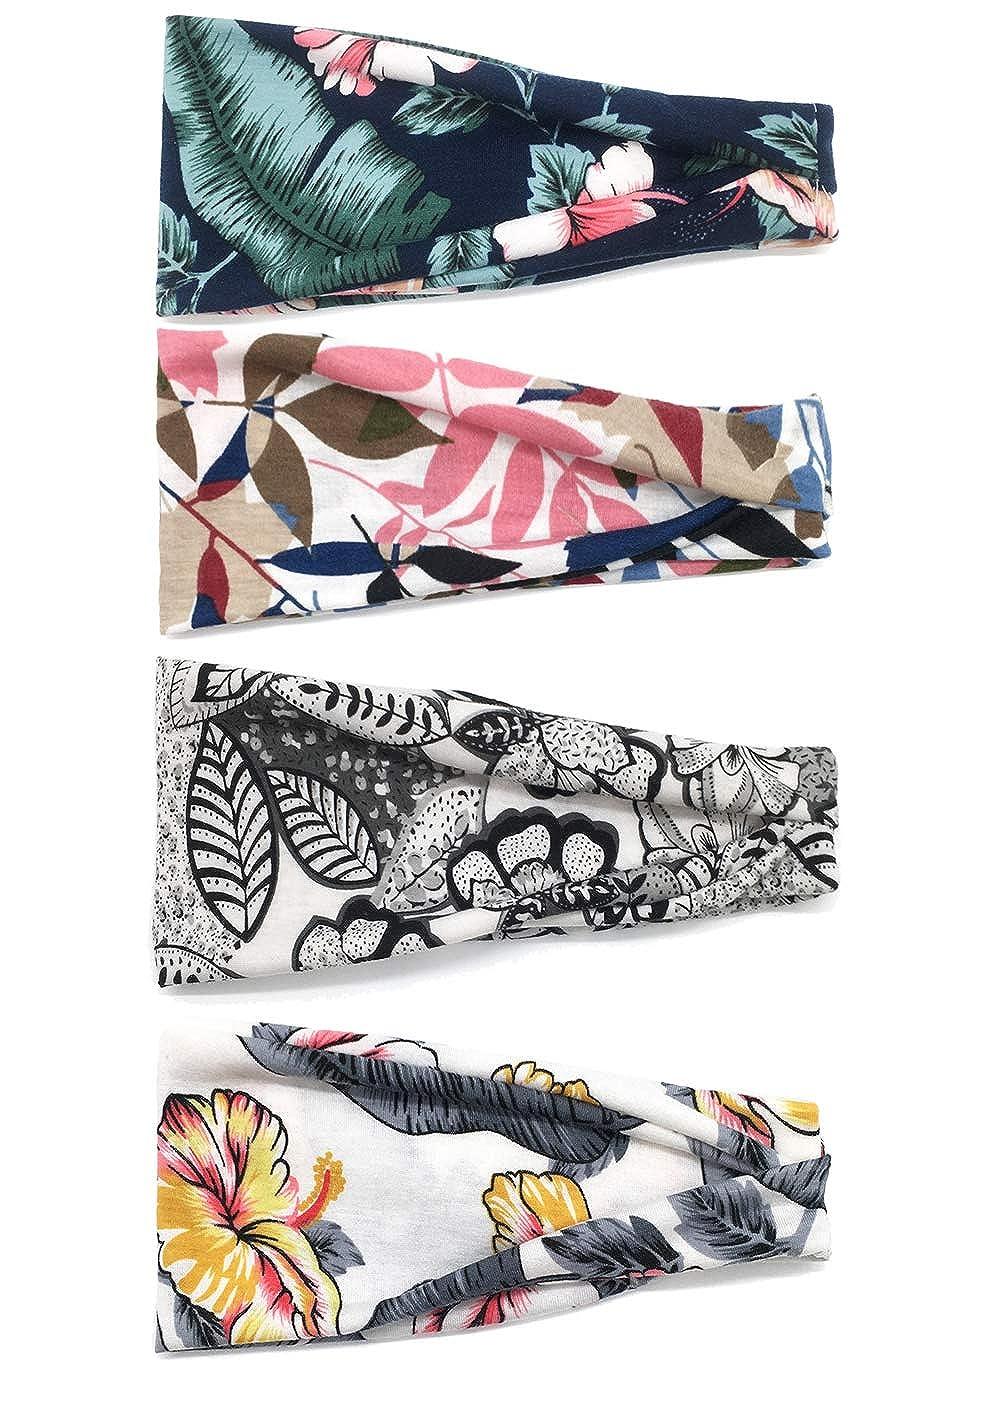 DRESHOW 4 Pack 1950 fasce del fiore depoca per le donne torsione elastica turbante fascia capo Involucri svegli dei capelli fascia degli accessori